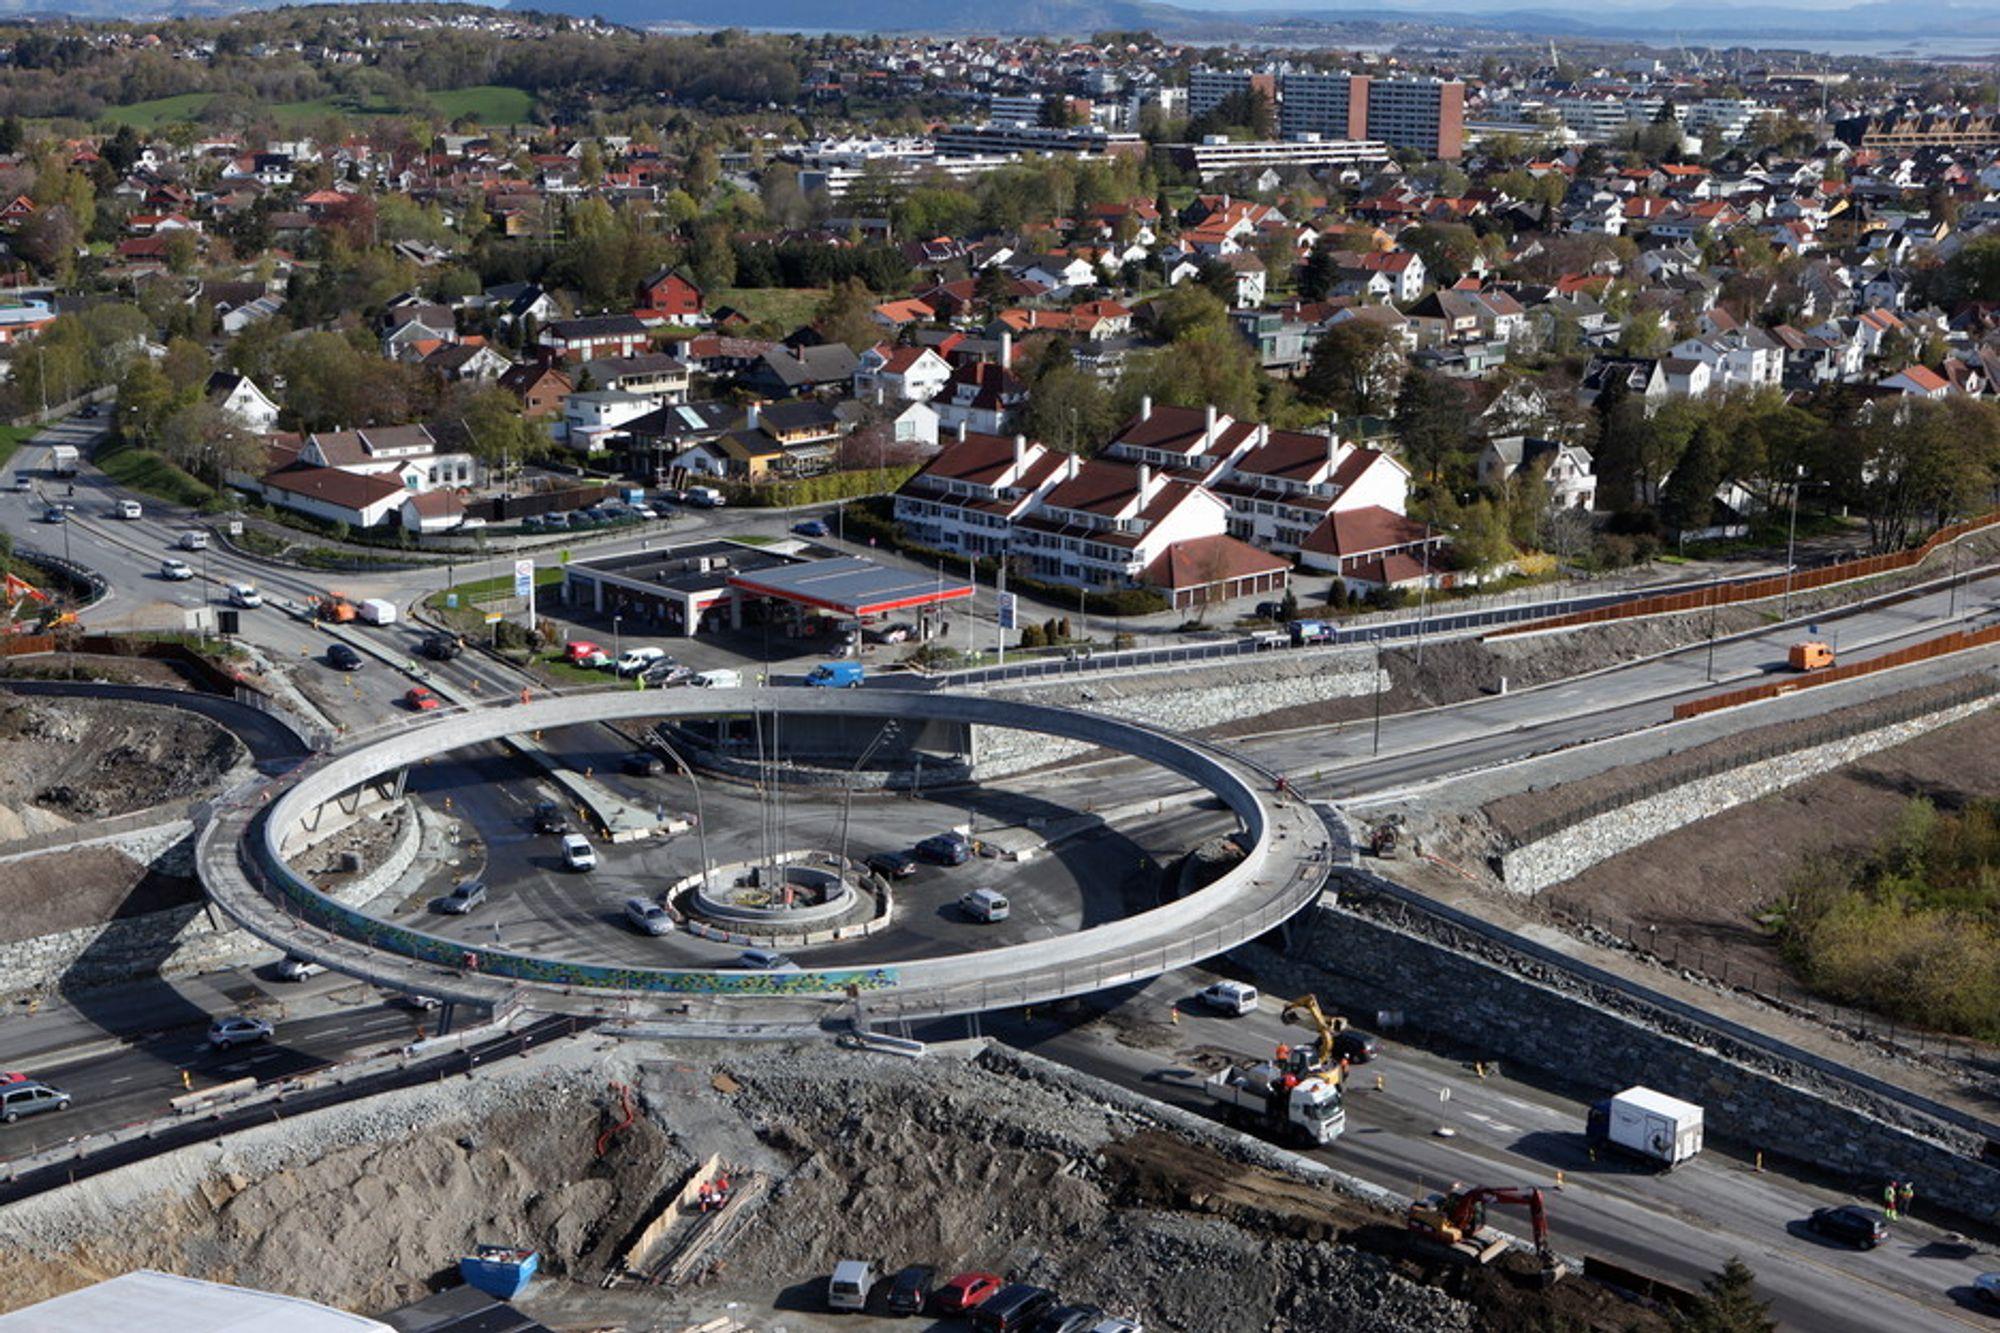 MER KØ: Tjensvoll-krysset ved Stavanger har kostet 119 millioner kroner. I rushtiden vil bilkøene øke, mens kollektivtrafikken, syklister og gående får bedre forhold.